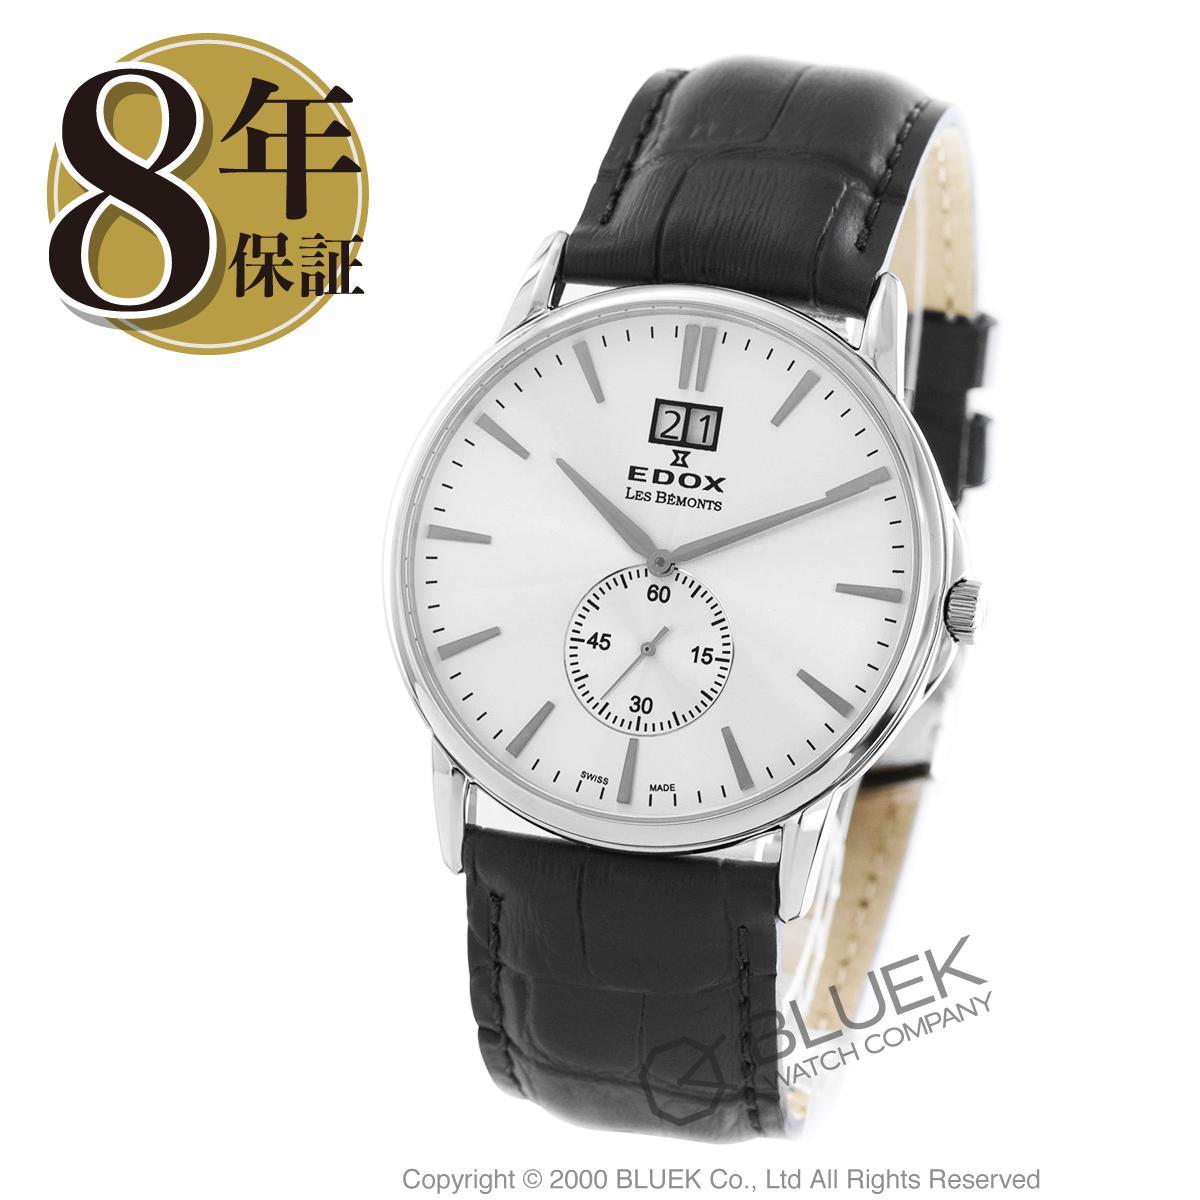 【最大3万円割引クーポン 11/01~】エドックス レ・ベモン 腕時計 メンズ EDOX 64012-3-AIN_8